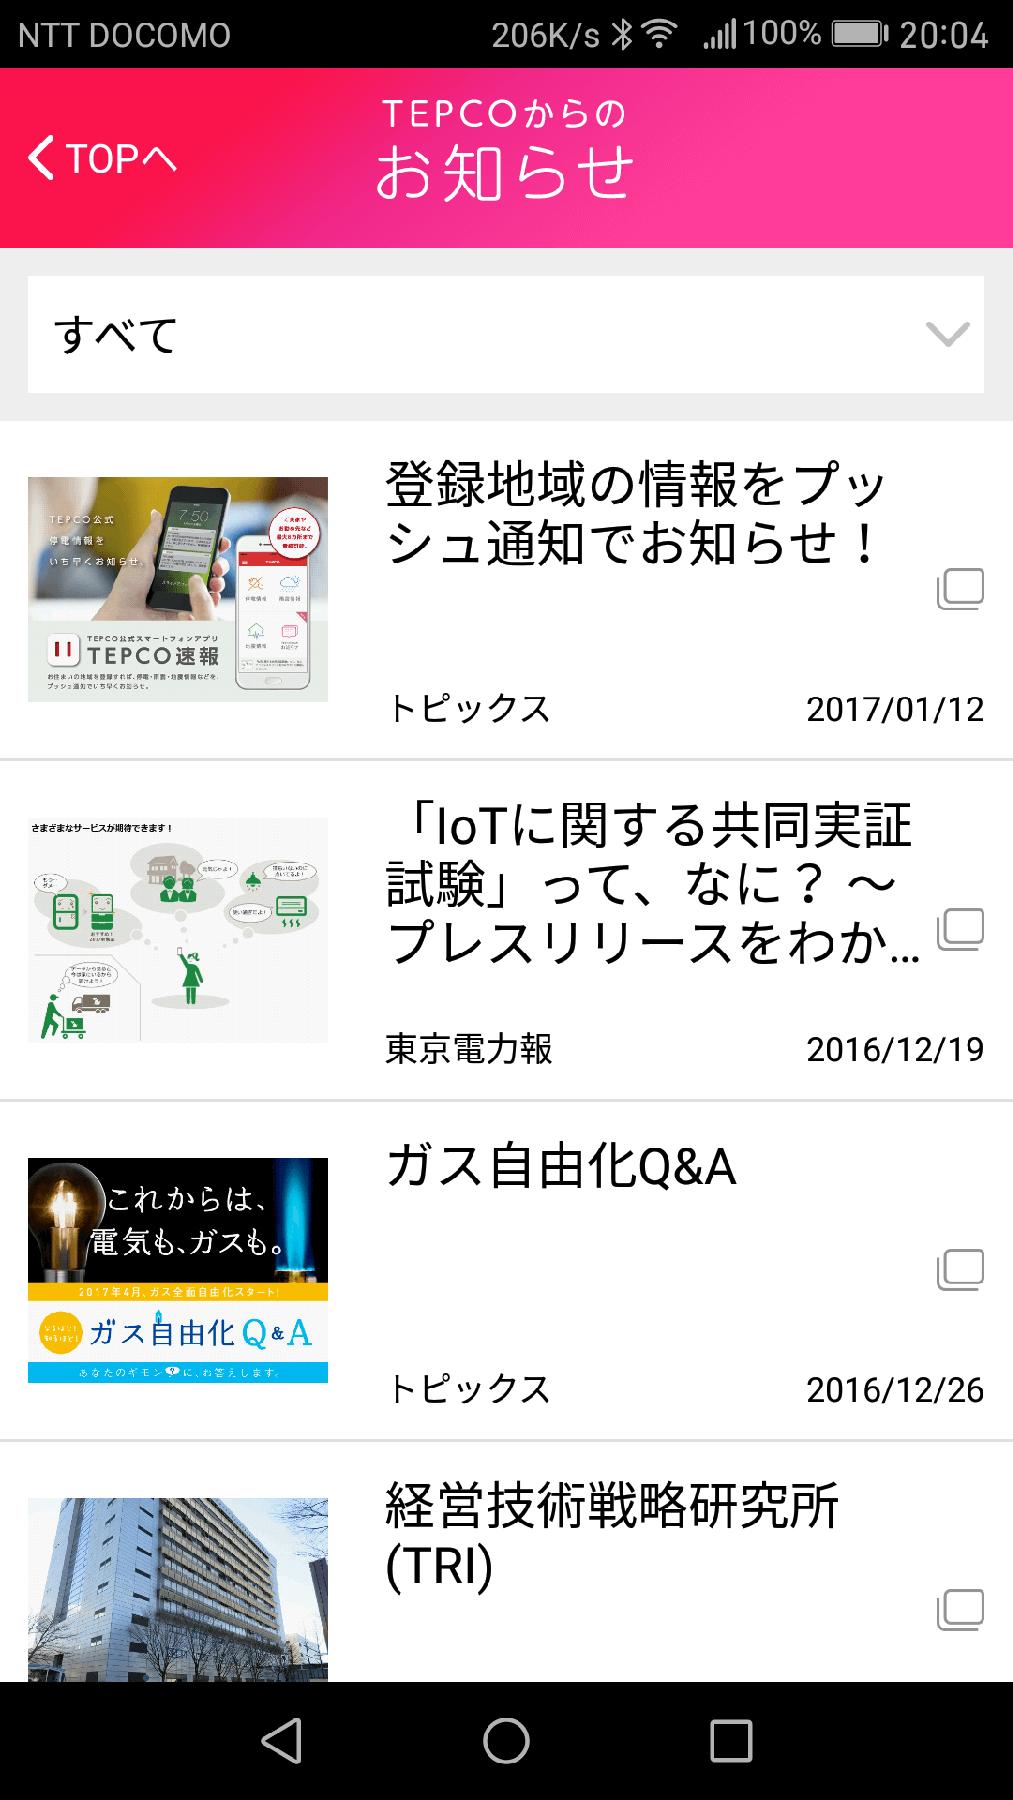 [TEPCO速報]アプリの[TEPCOからのお知らせ]画面